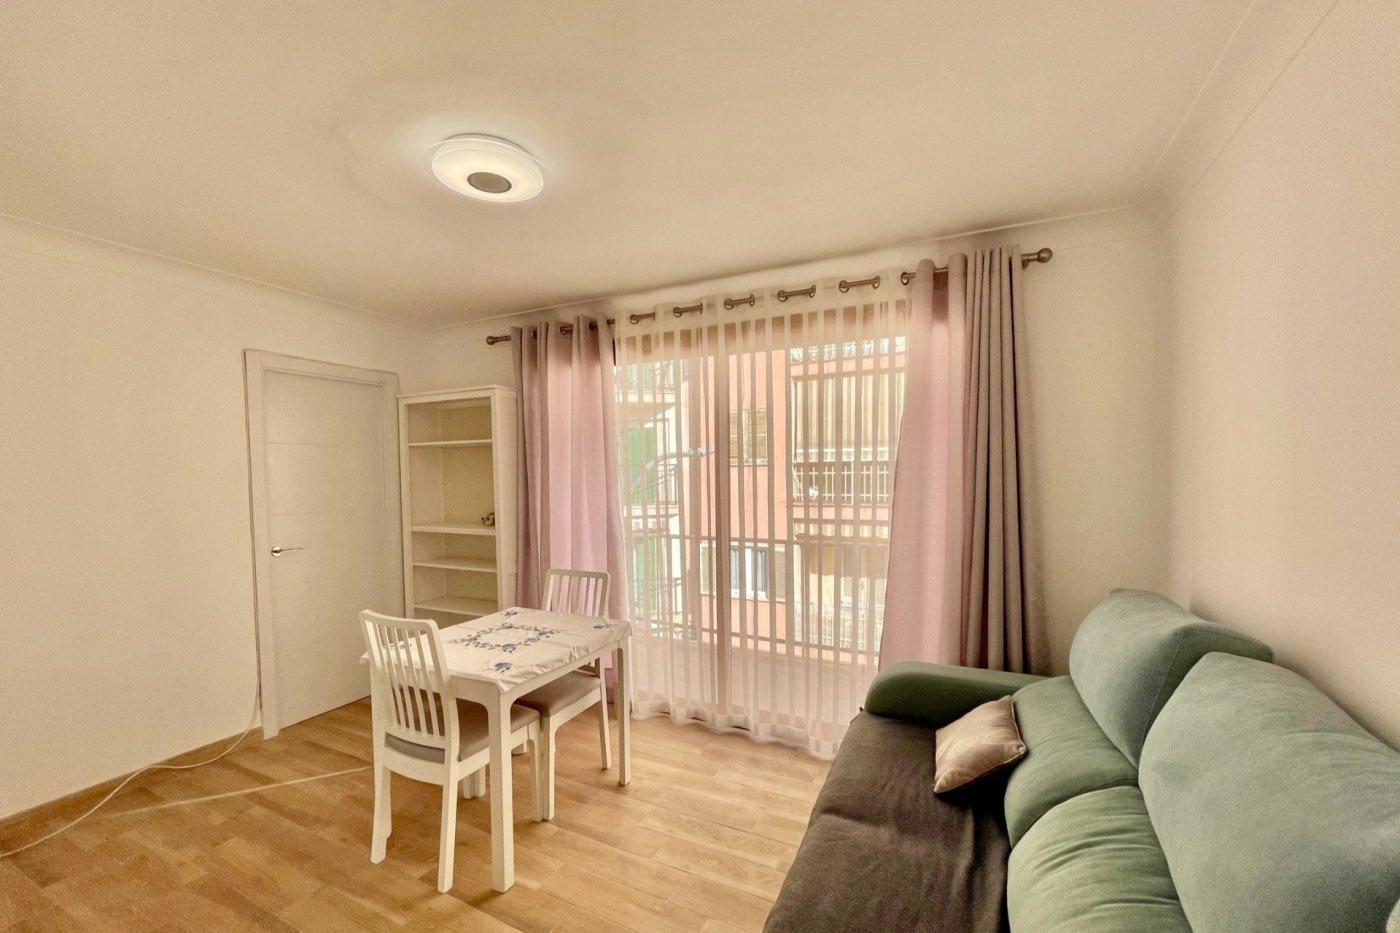 Piso amueblado de 57 m² de superficie con balcón, terraza y barbacoa en la zona de son cot - imagenInmueble1